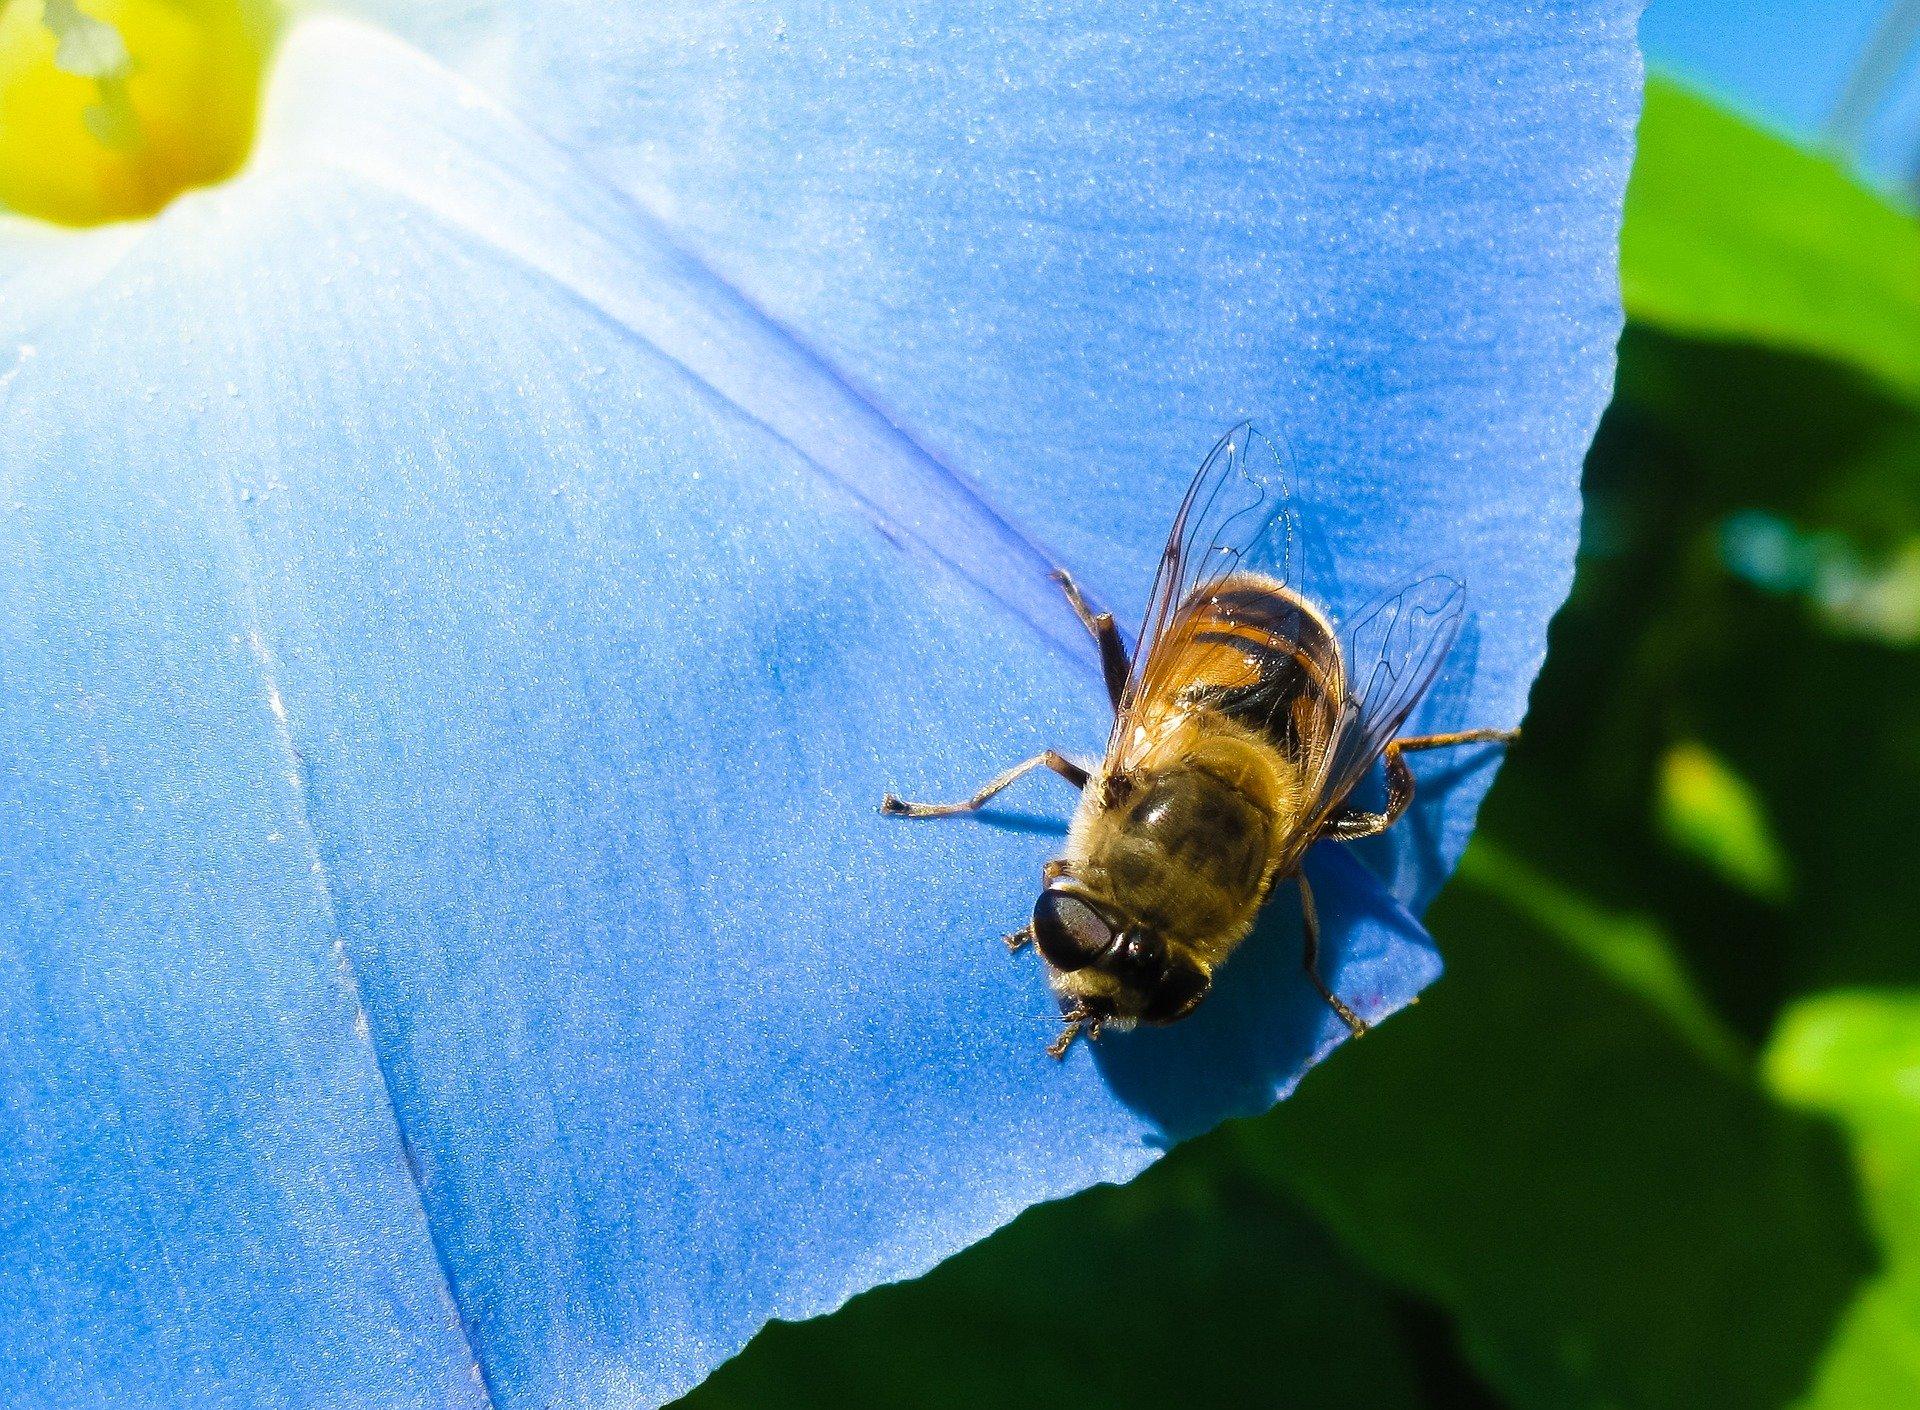 Abeille, fleur, insecte, yeux, rez de chaussée - Fonds d'écran HD - Professor-falken.com